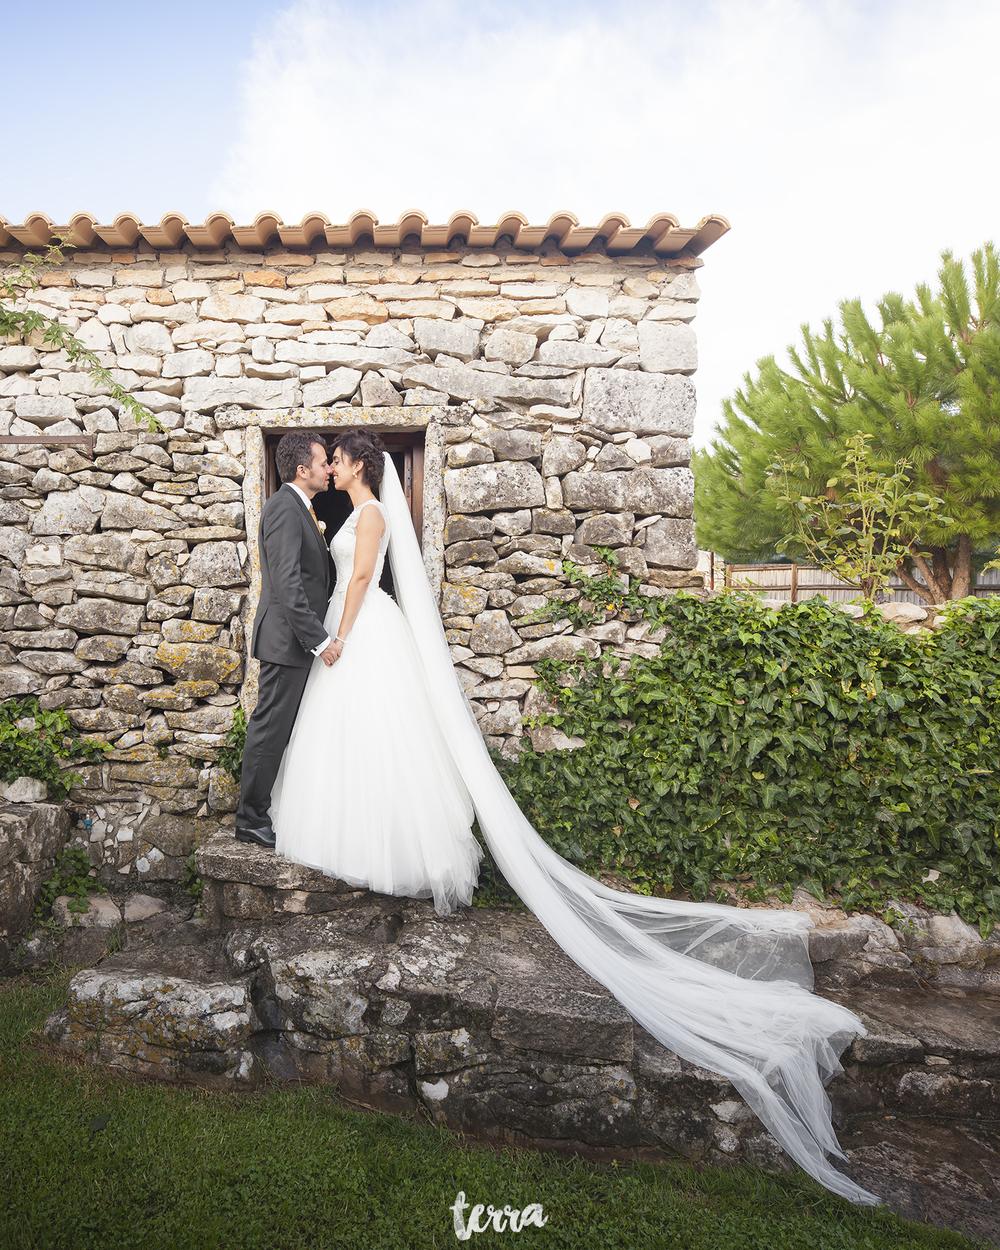 reportagem-casamento-quinta-casalinho-farto-fatima-terra-fotografia-090.jpg